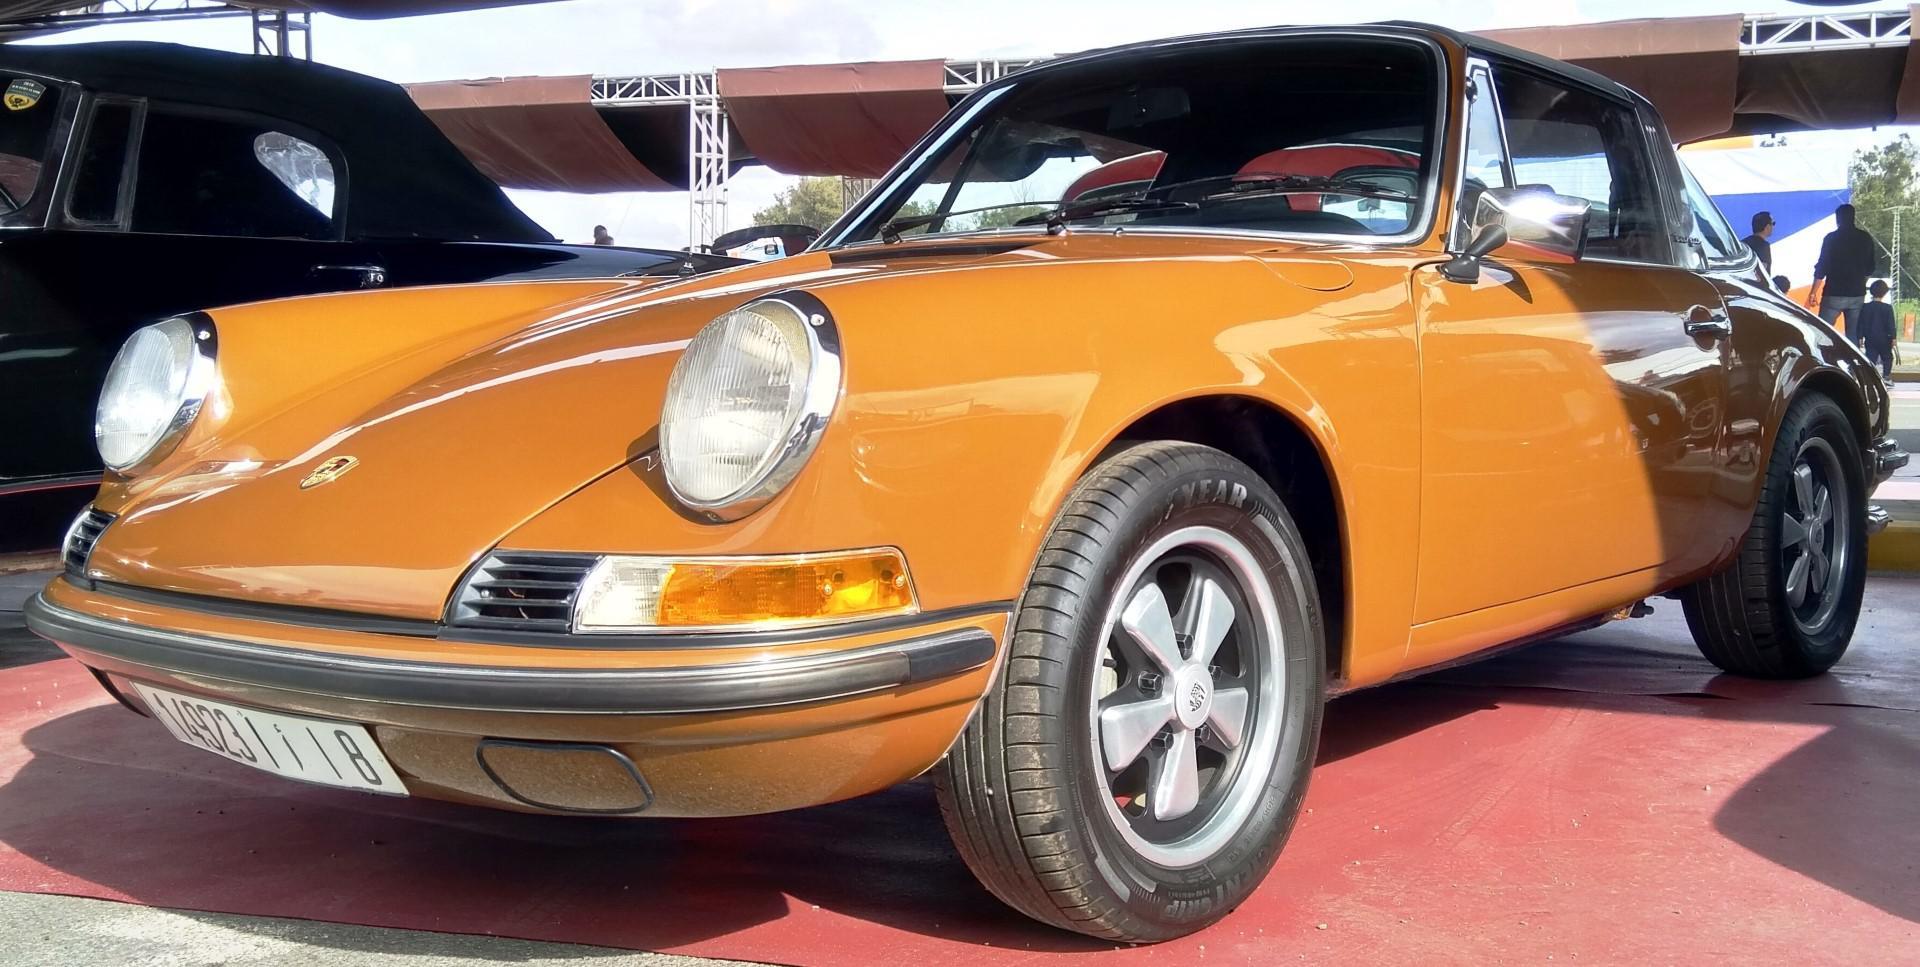 les-voitures-de-sports-du-classic-cars-expo-2019-1137-10.jpg